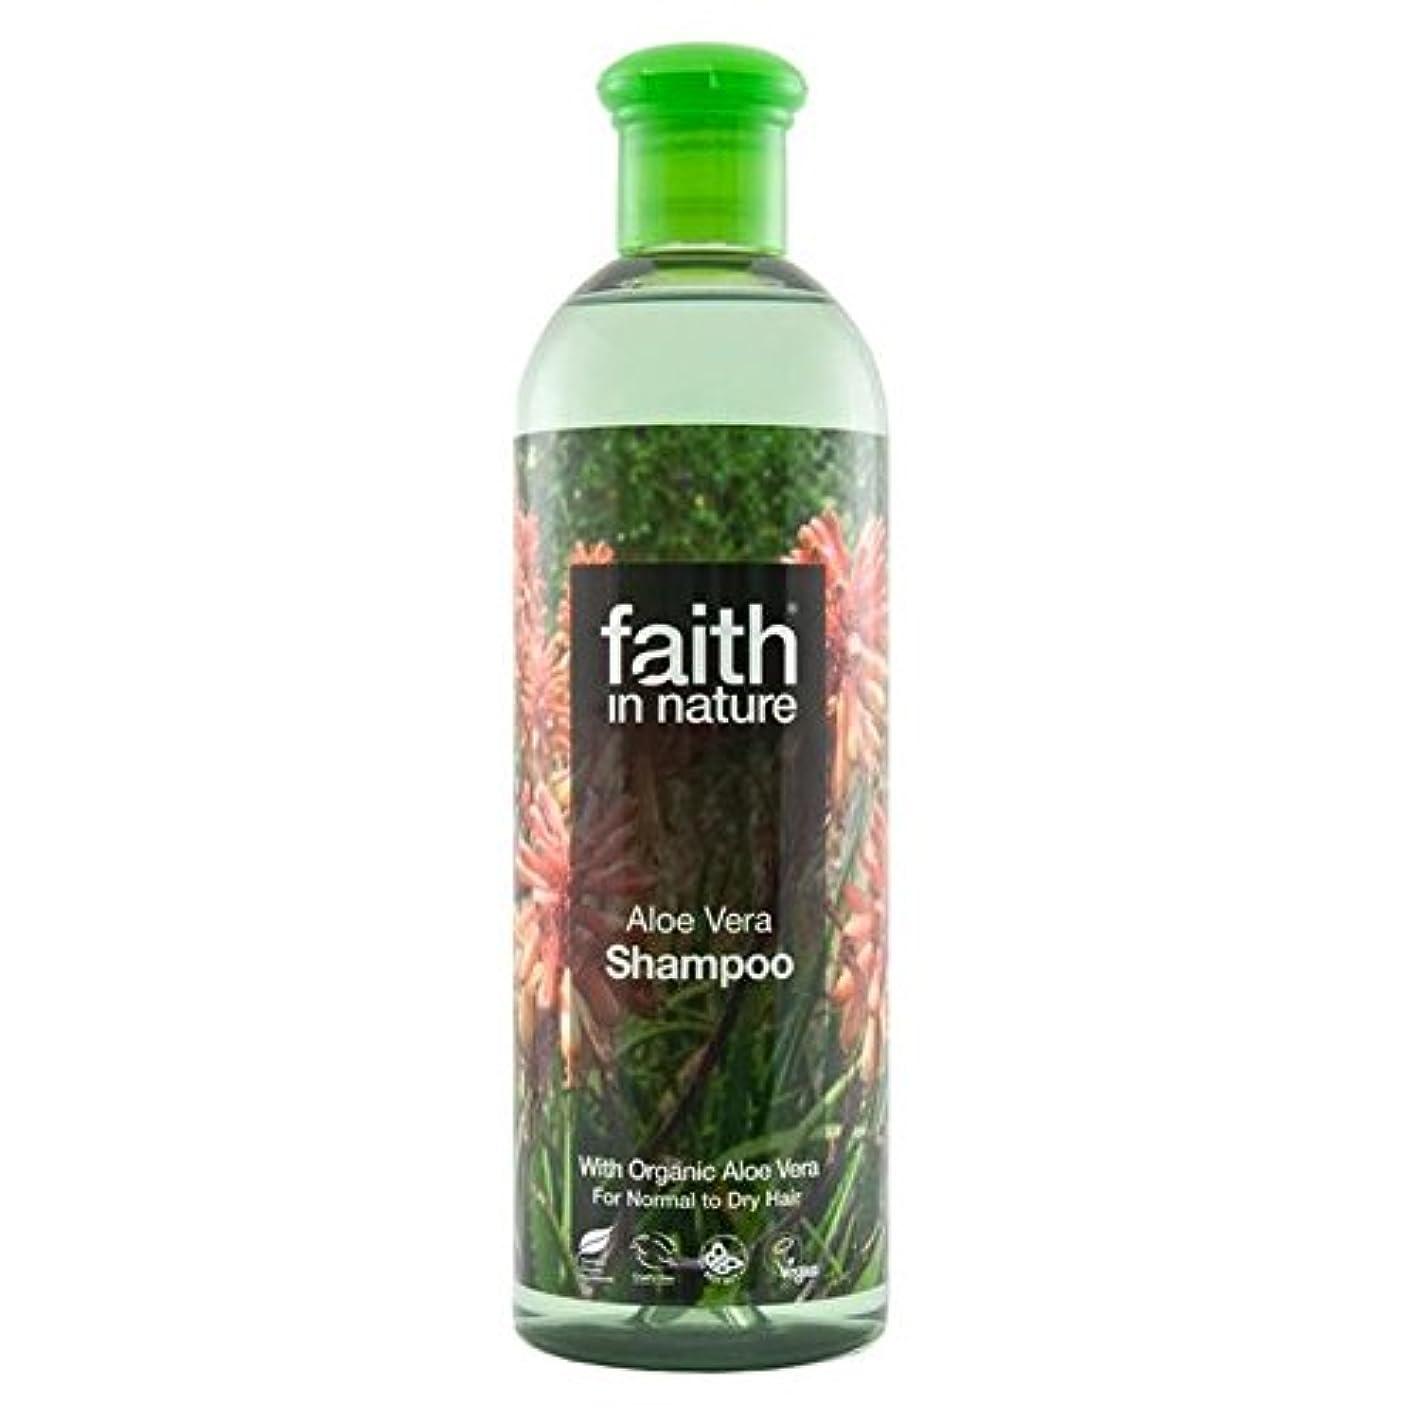 高齢者かご熟考するFaith in Nature Aloe Vera Shampoo 400ml (Pack of 4) - (Faith In Nature) 自然アロエベラシャンプー400ミリリットルの信仰 (x4) [並行輸入品]